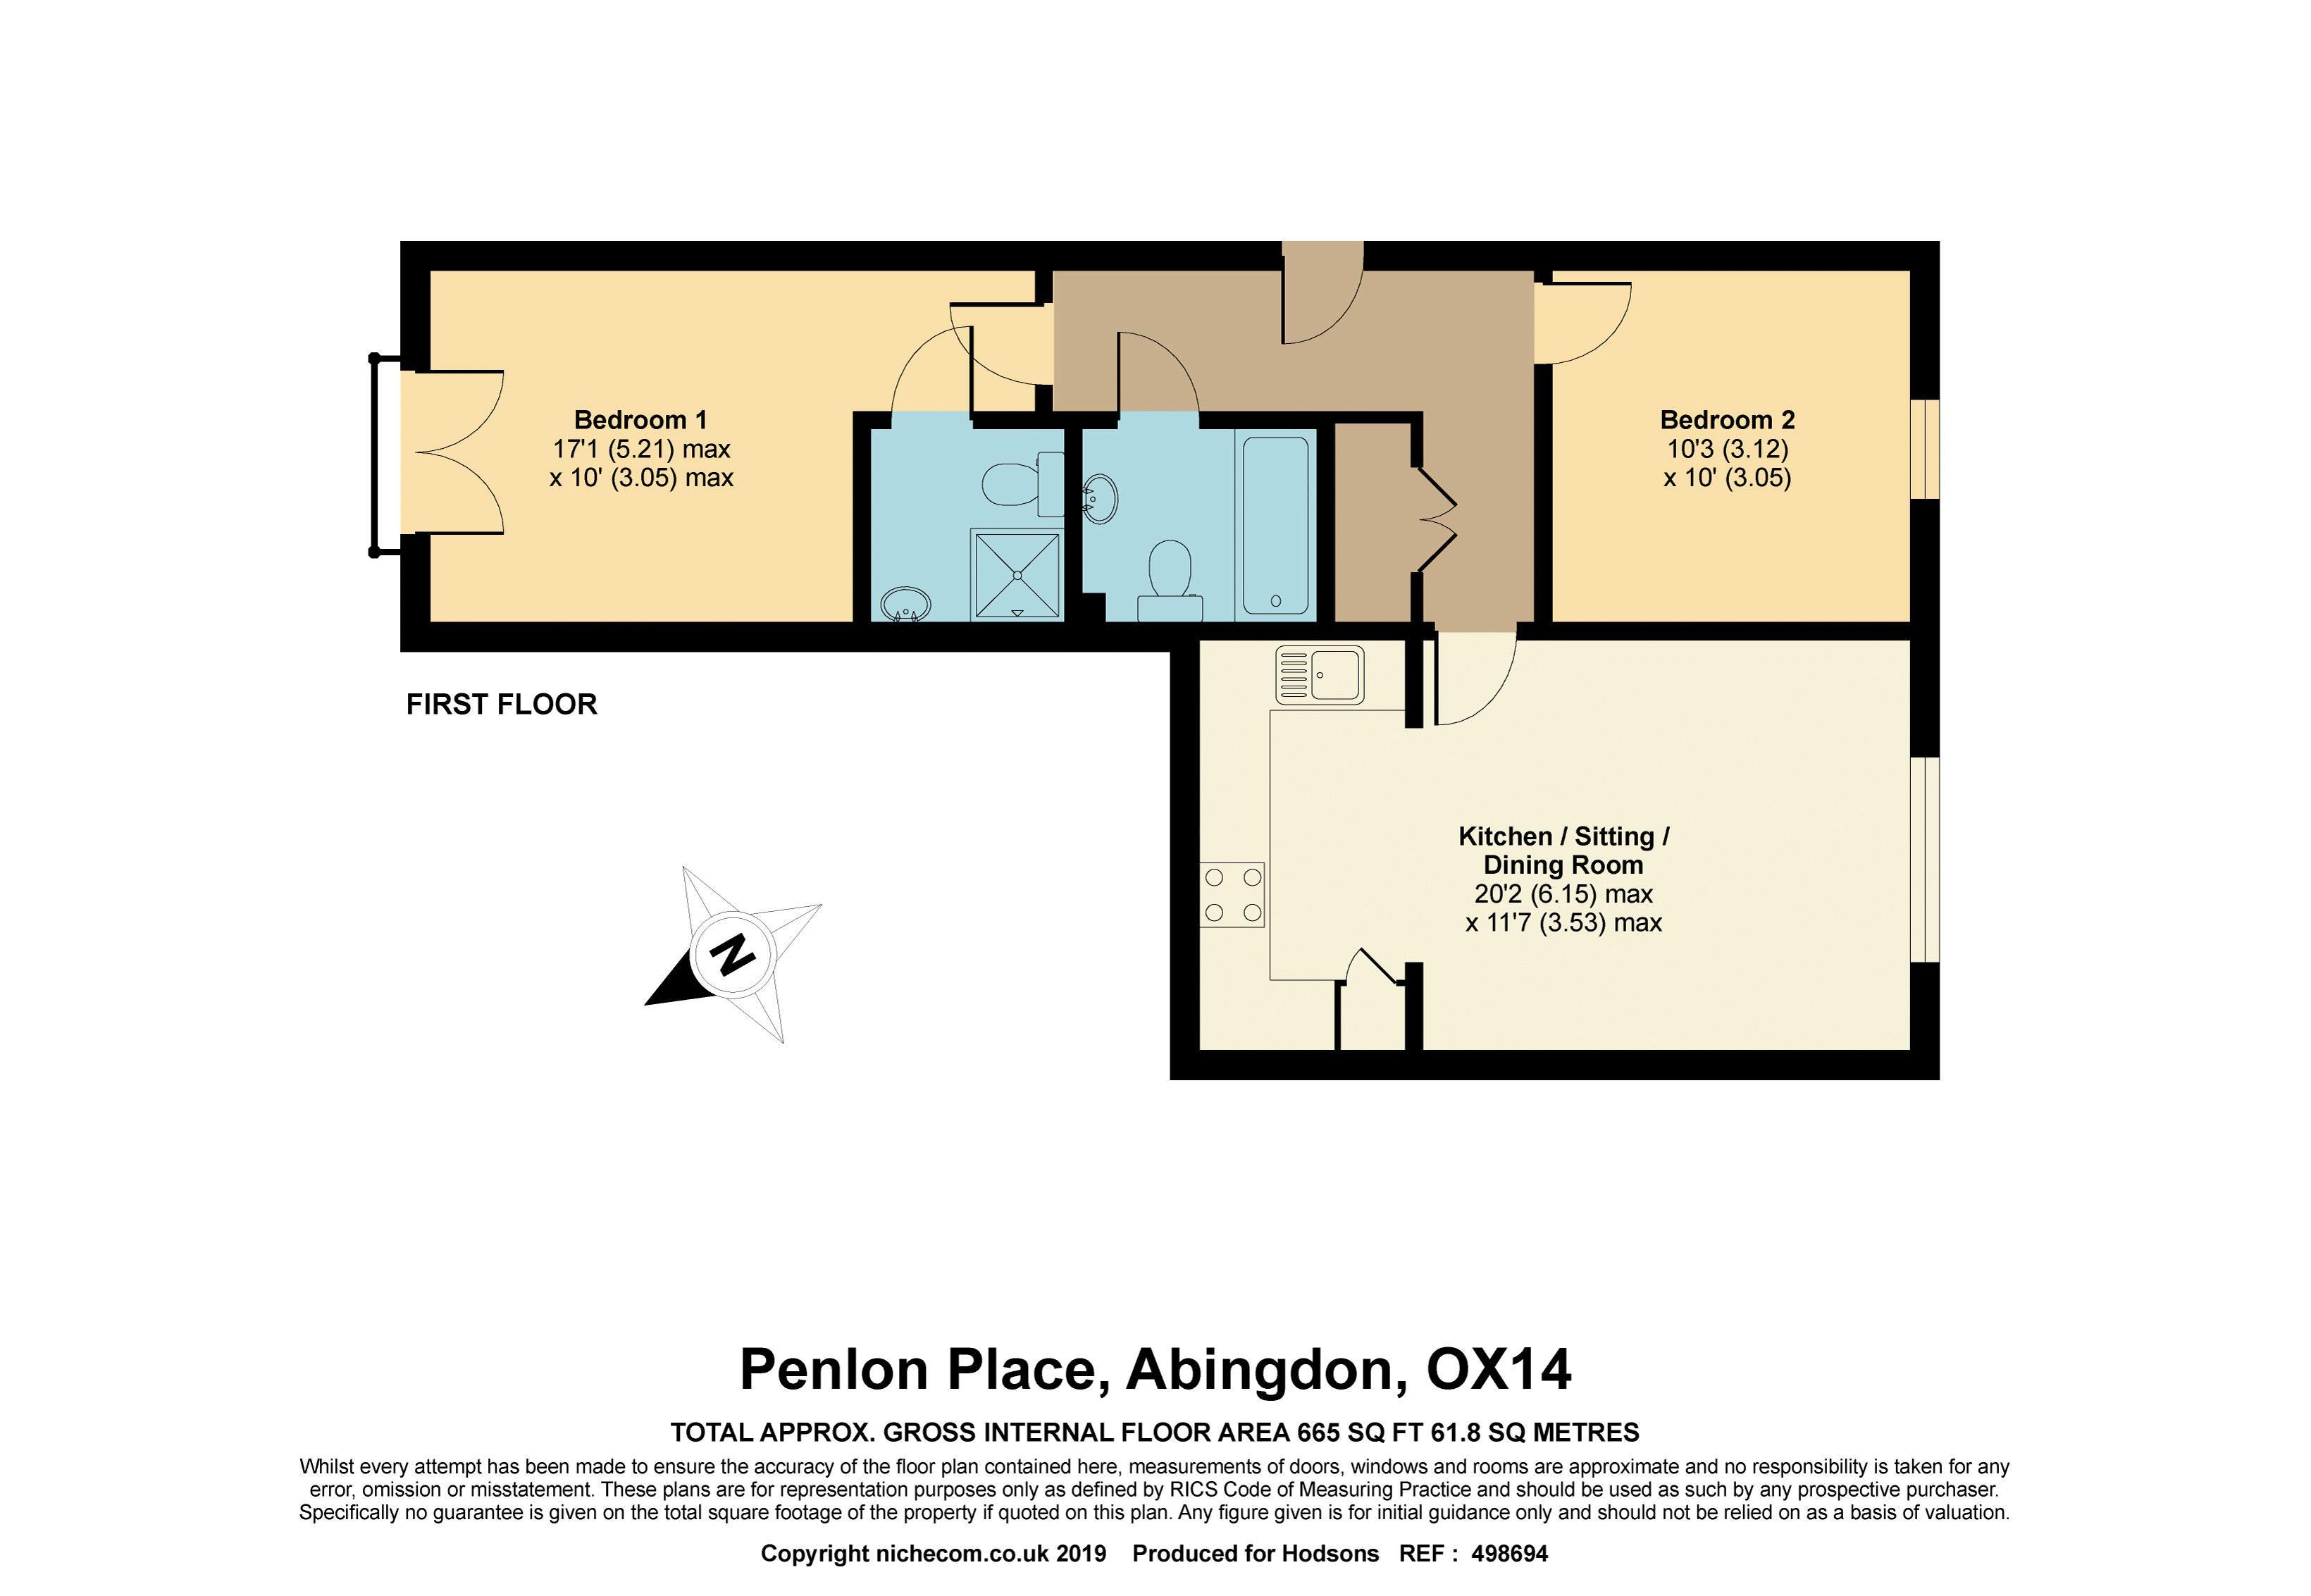 Penlon Place